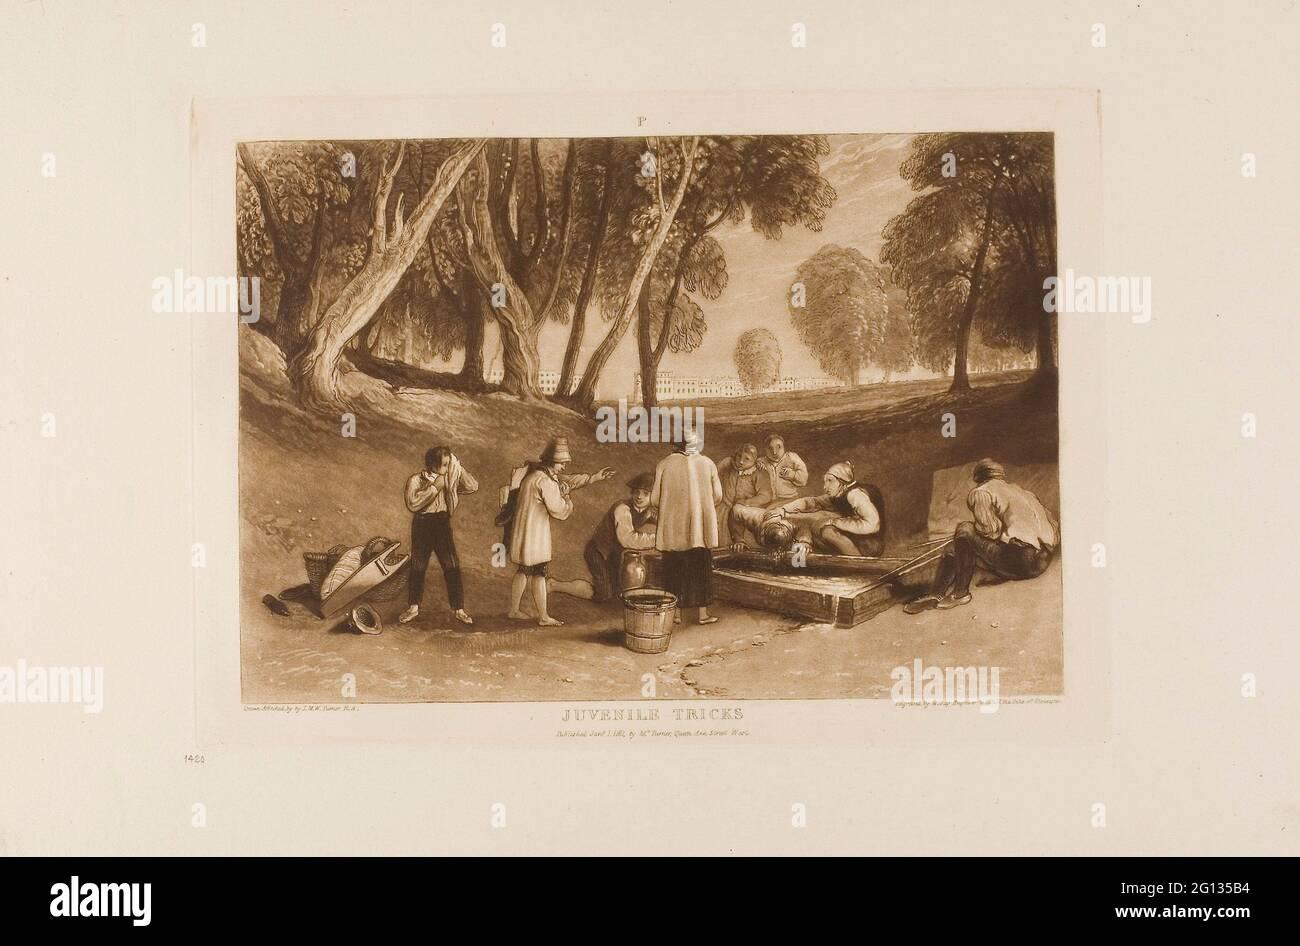 Auteur: Joseph Mallord William Turner. Jeunes Tricks, planche 22 de Liber Studiorum - publié le 1er janvier 1811 - Joseph Mallord William Turner Banque D'Images